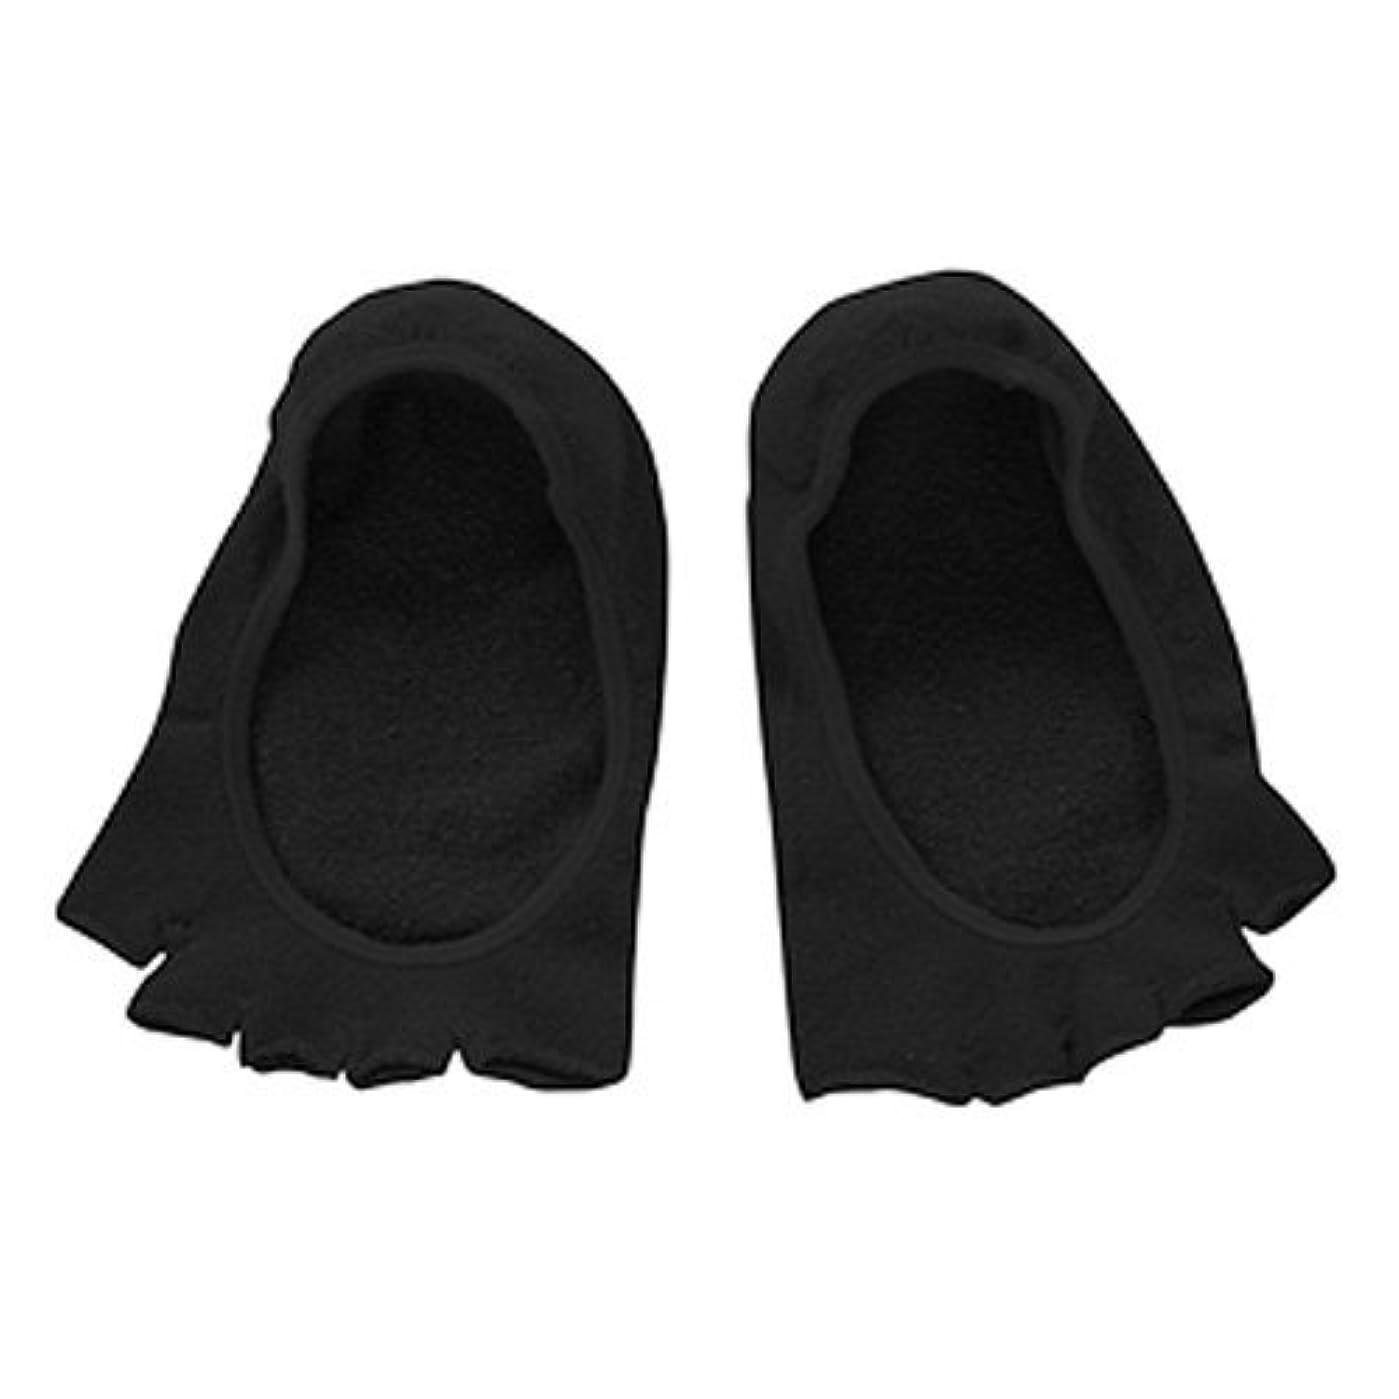 セグメントトレーニング圧縮するコクーンフィット 5本指オープントゥのフットカバー(かかとシリコン付き) ブラック